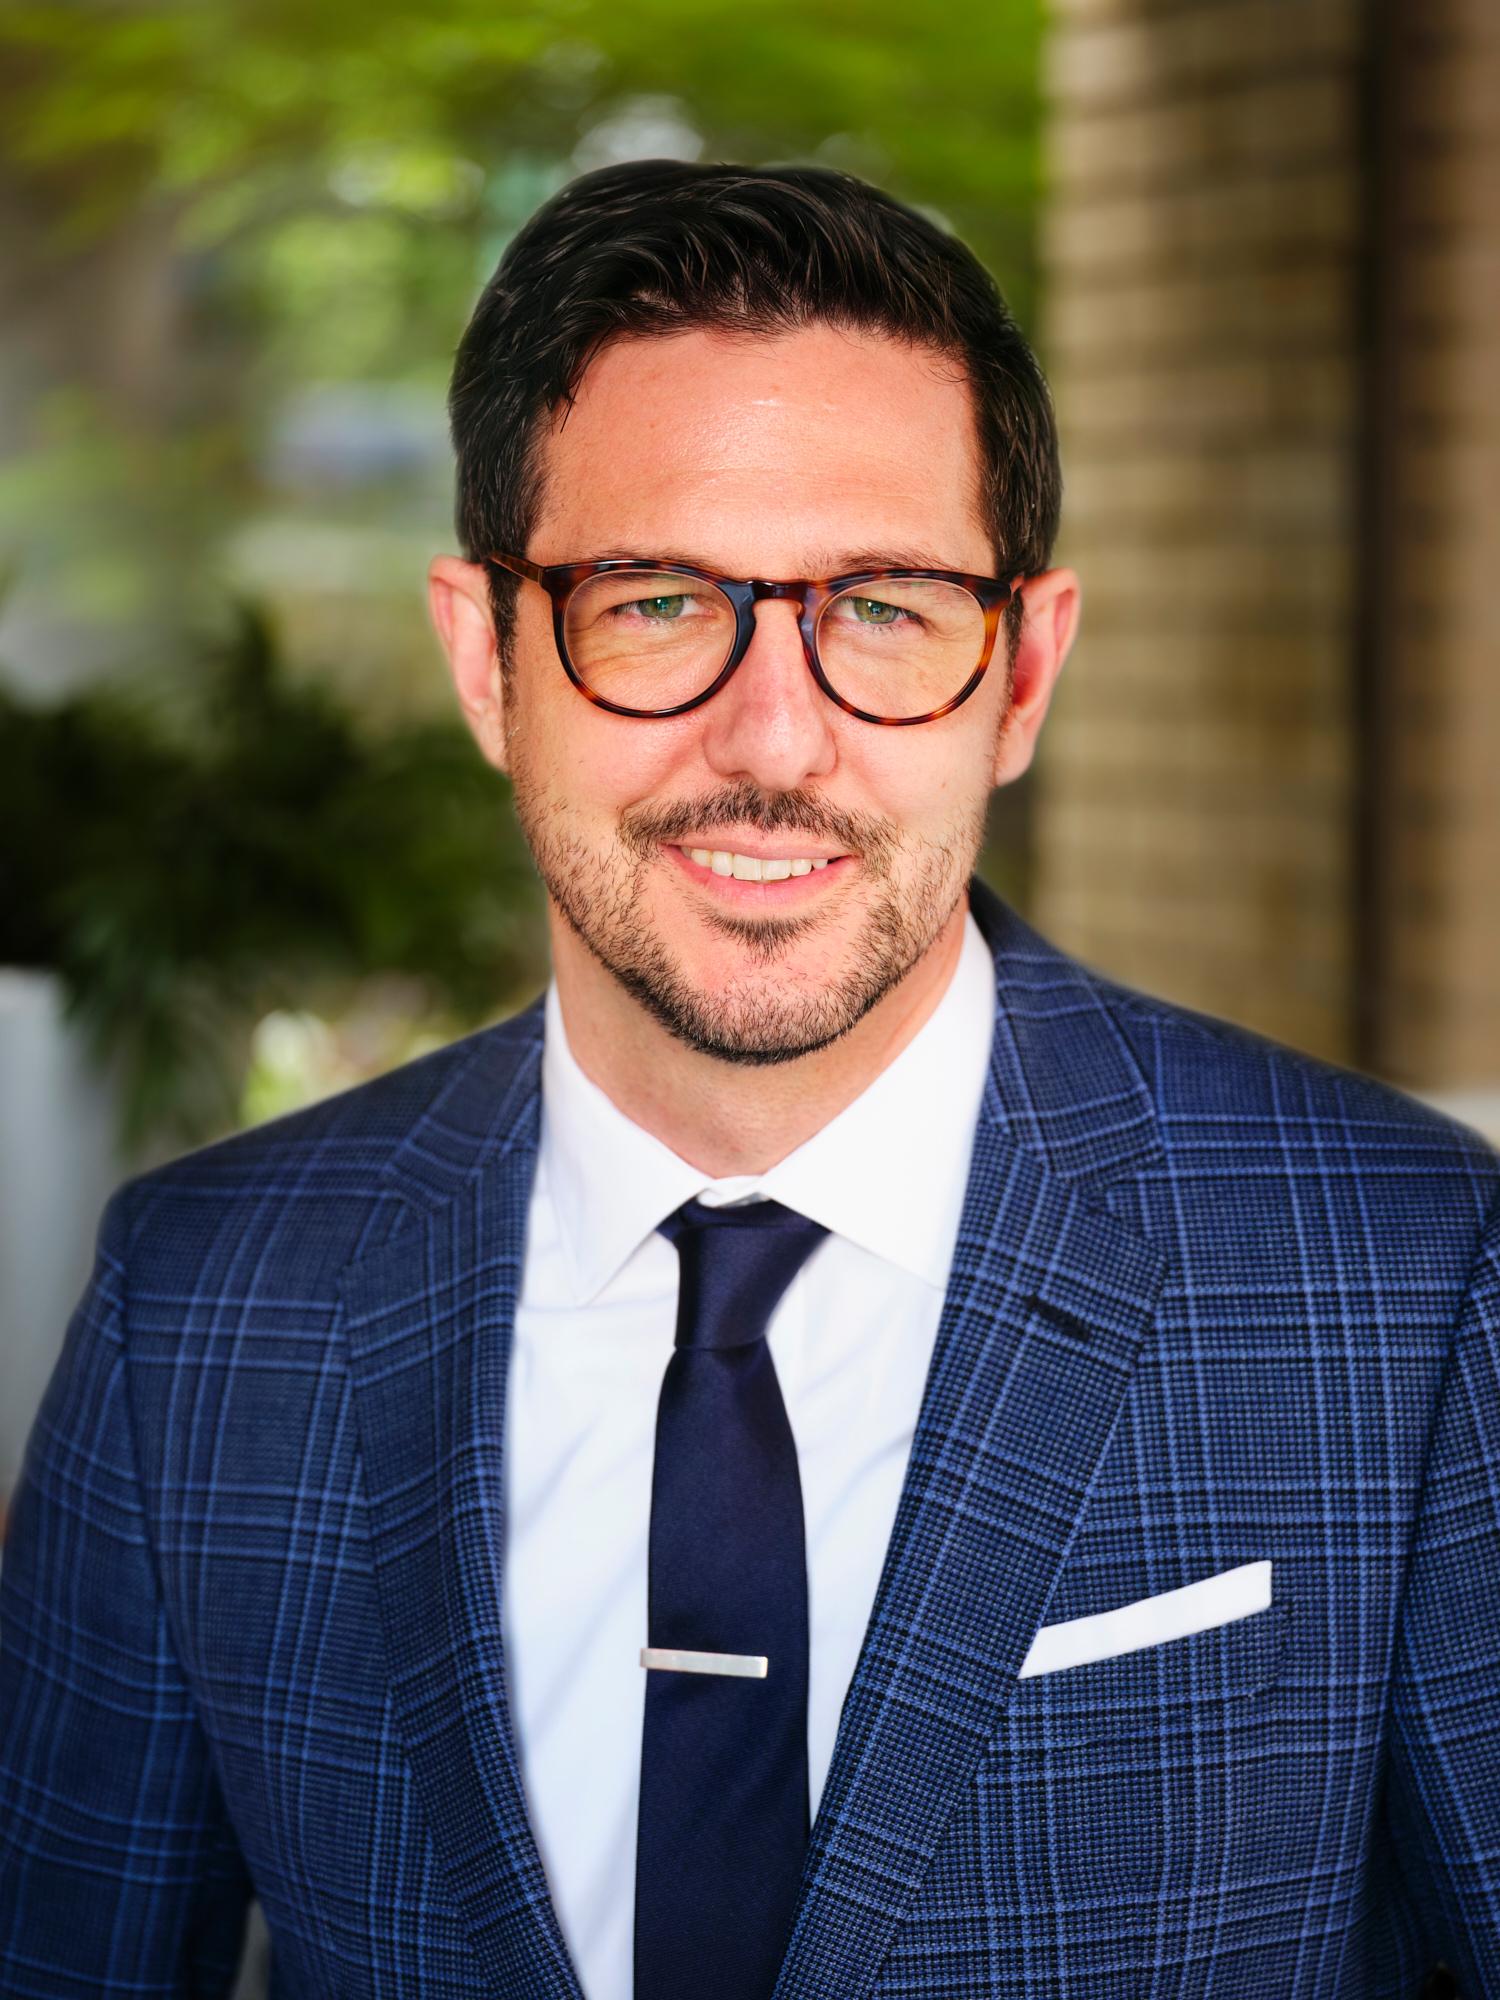 Jared Bauer